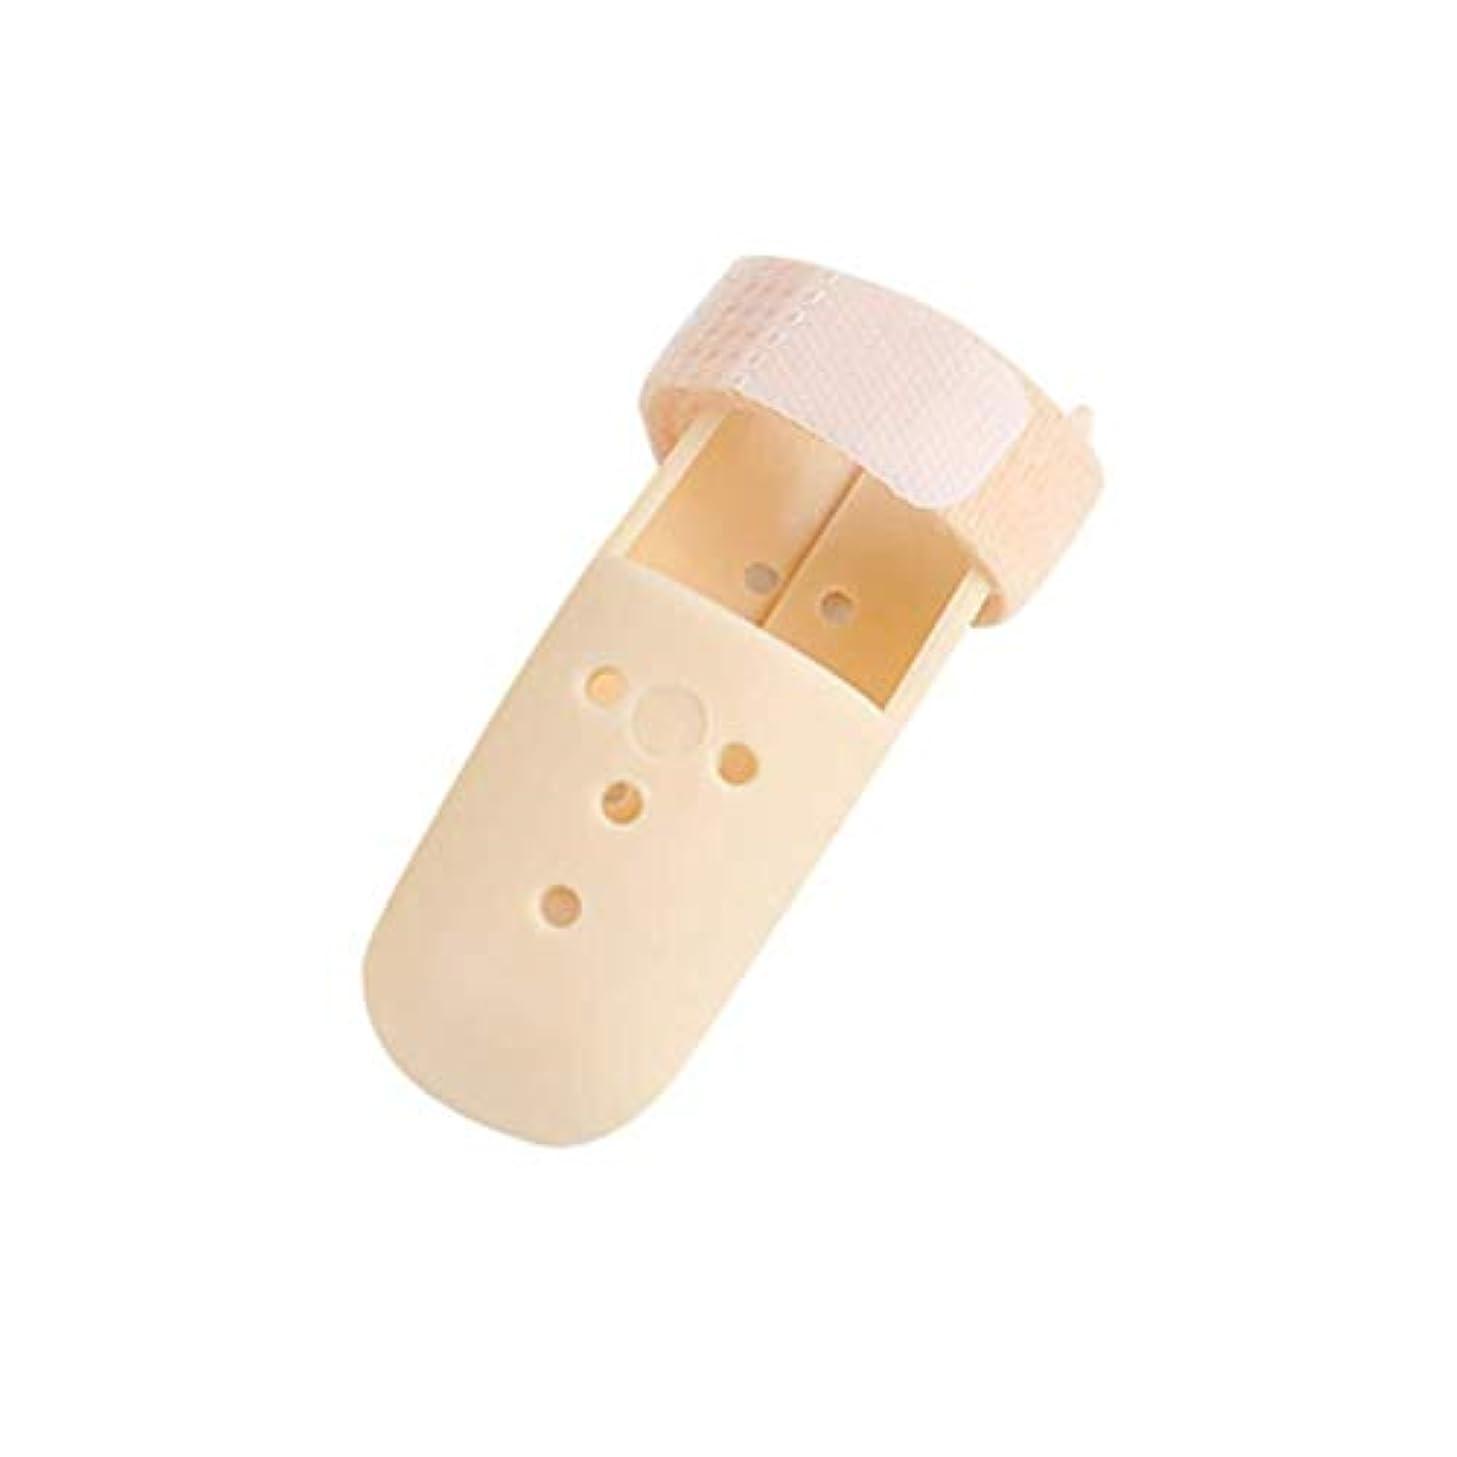 追放する収束するゴールデンフィンガースリーブサポートプロテクター通気性スプリント固定痛みリリーフ親指フィンガースプリント